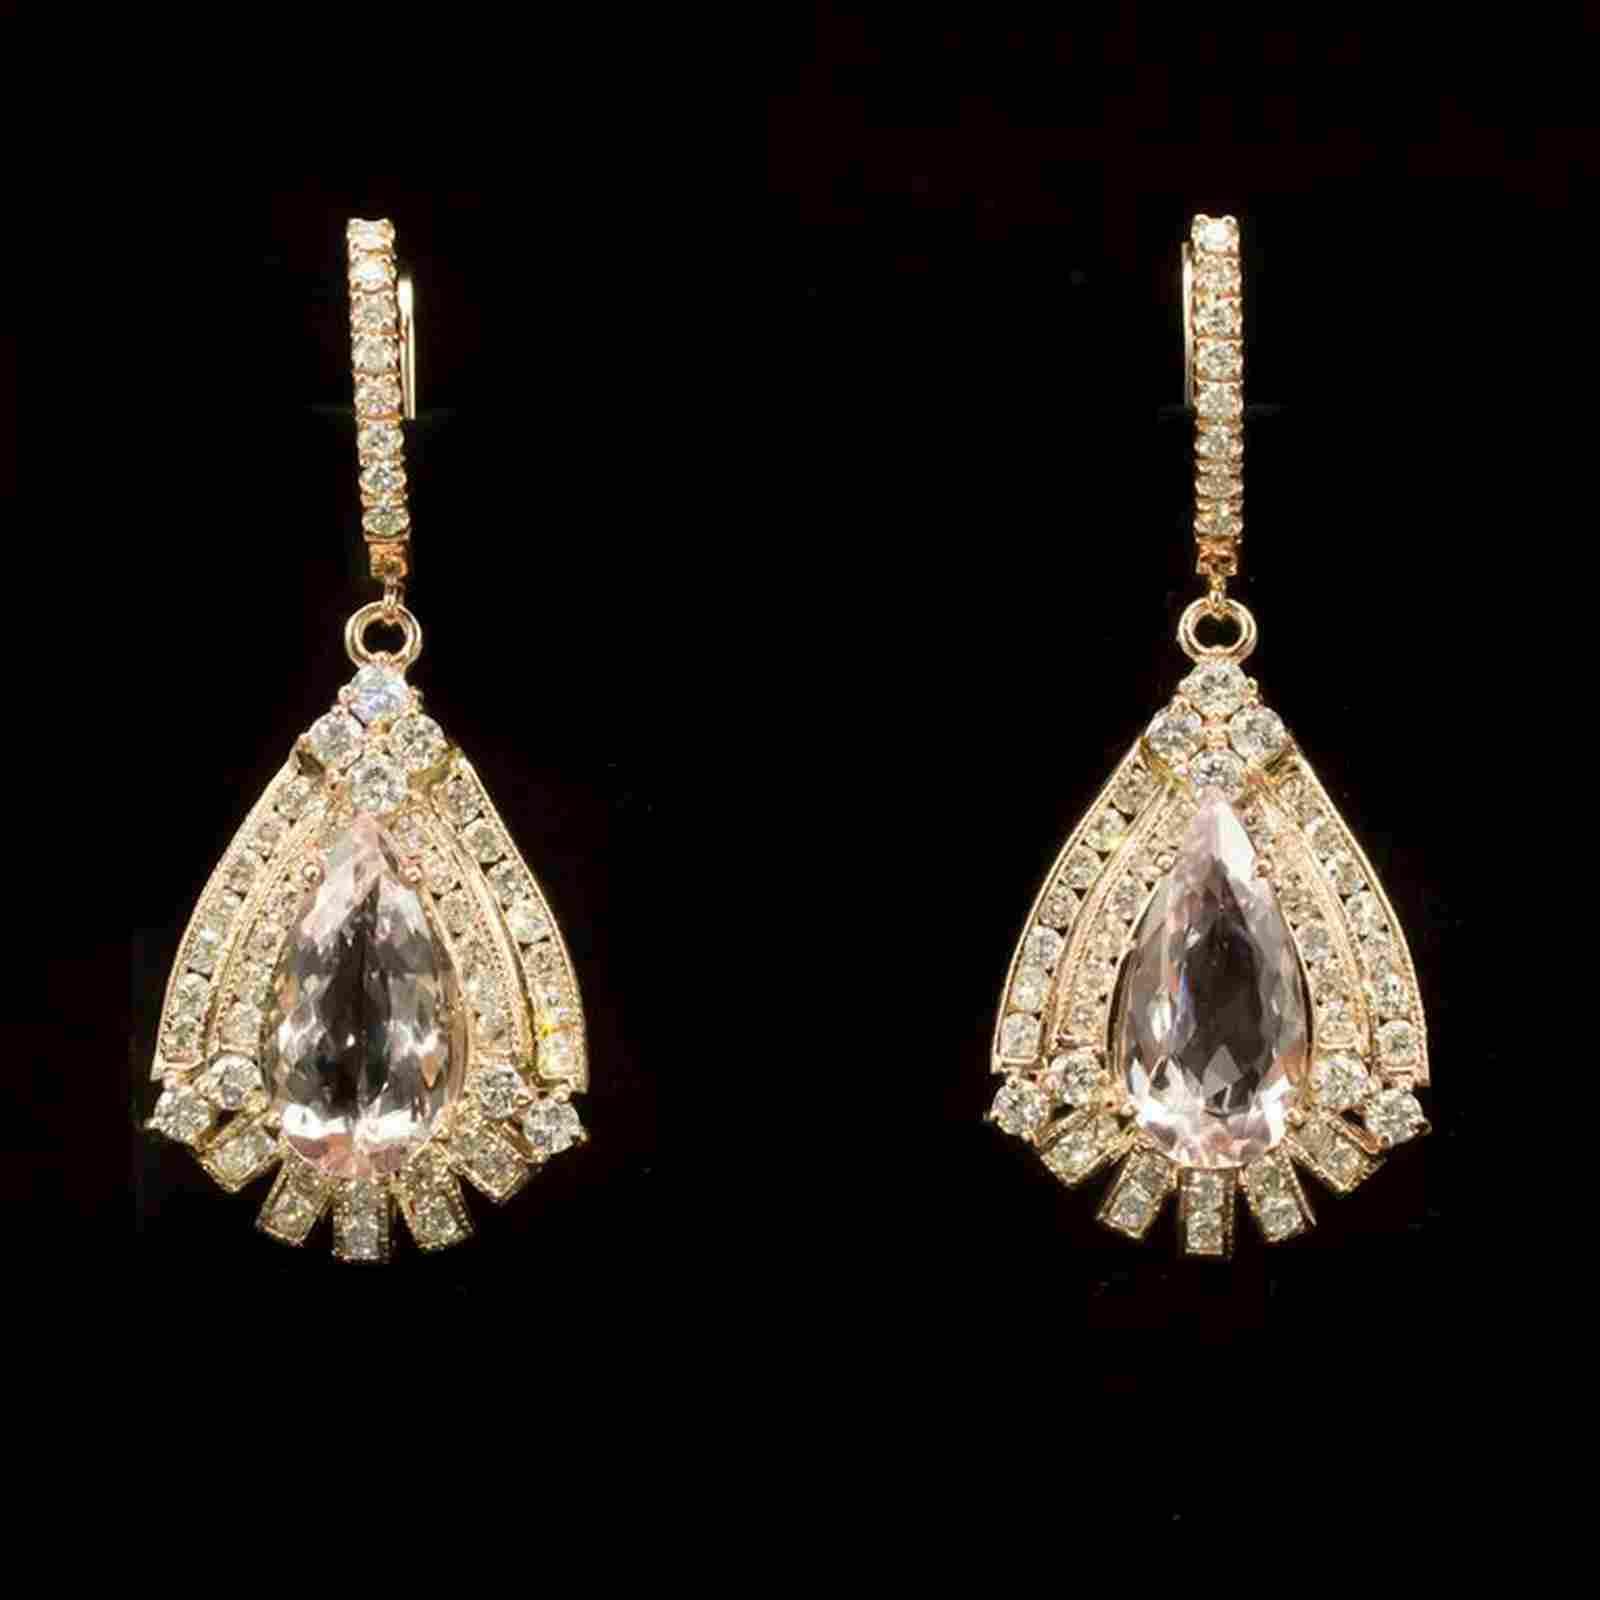 14K Gold 13.6ct Morganite 6.73ct Diamond Earrings